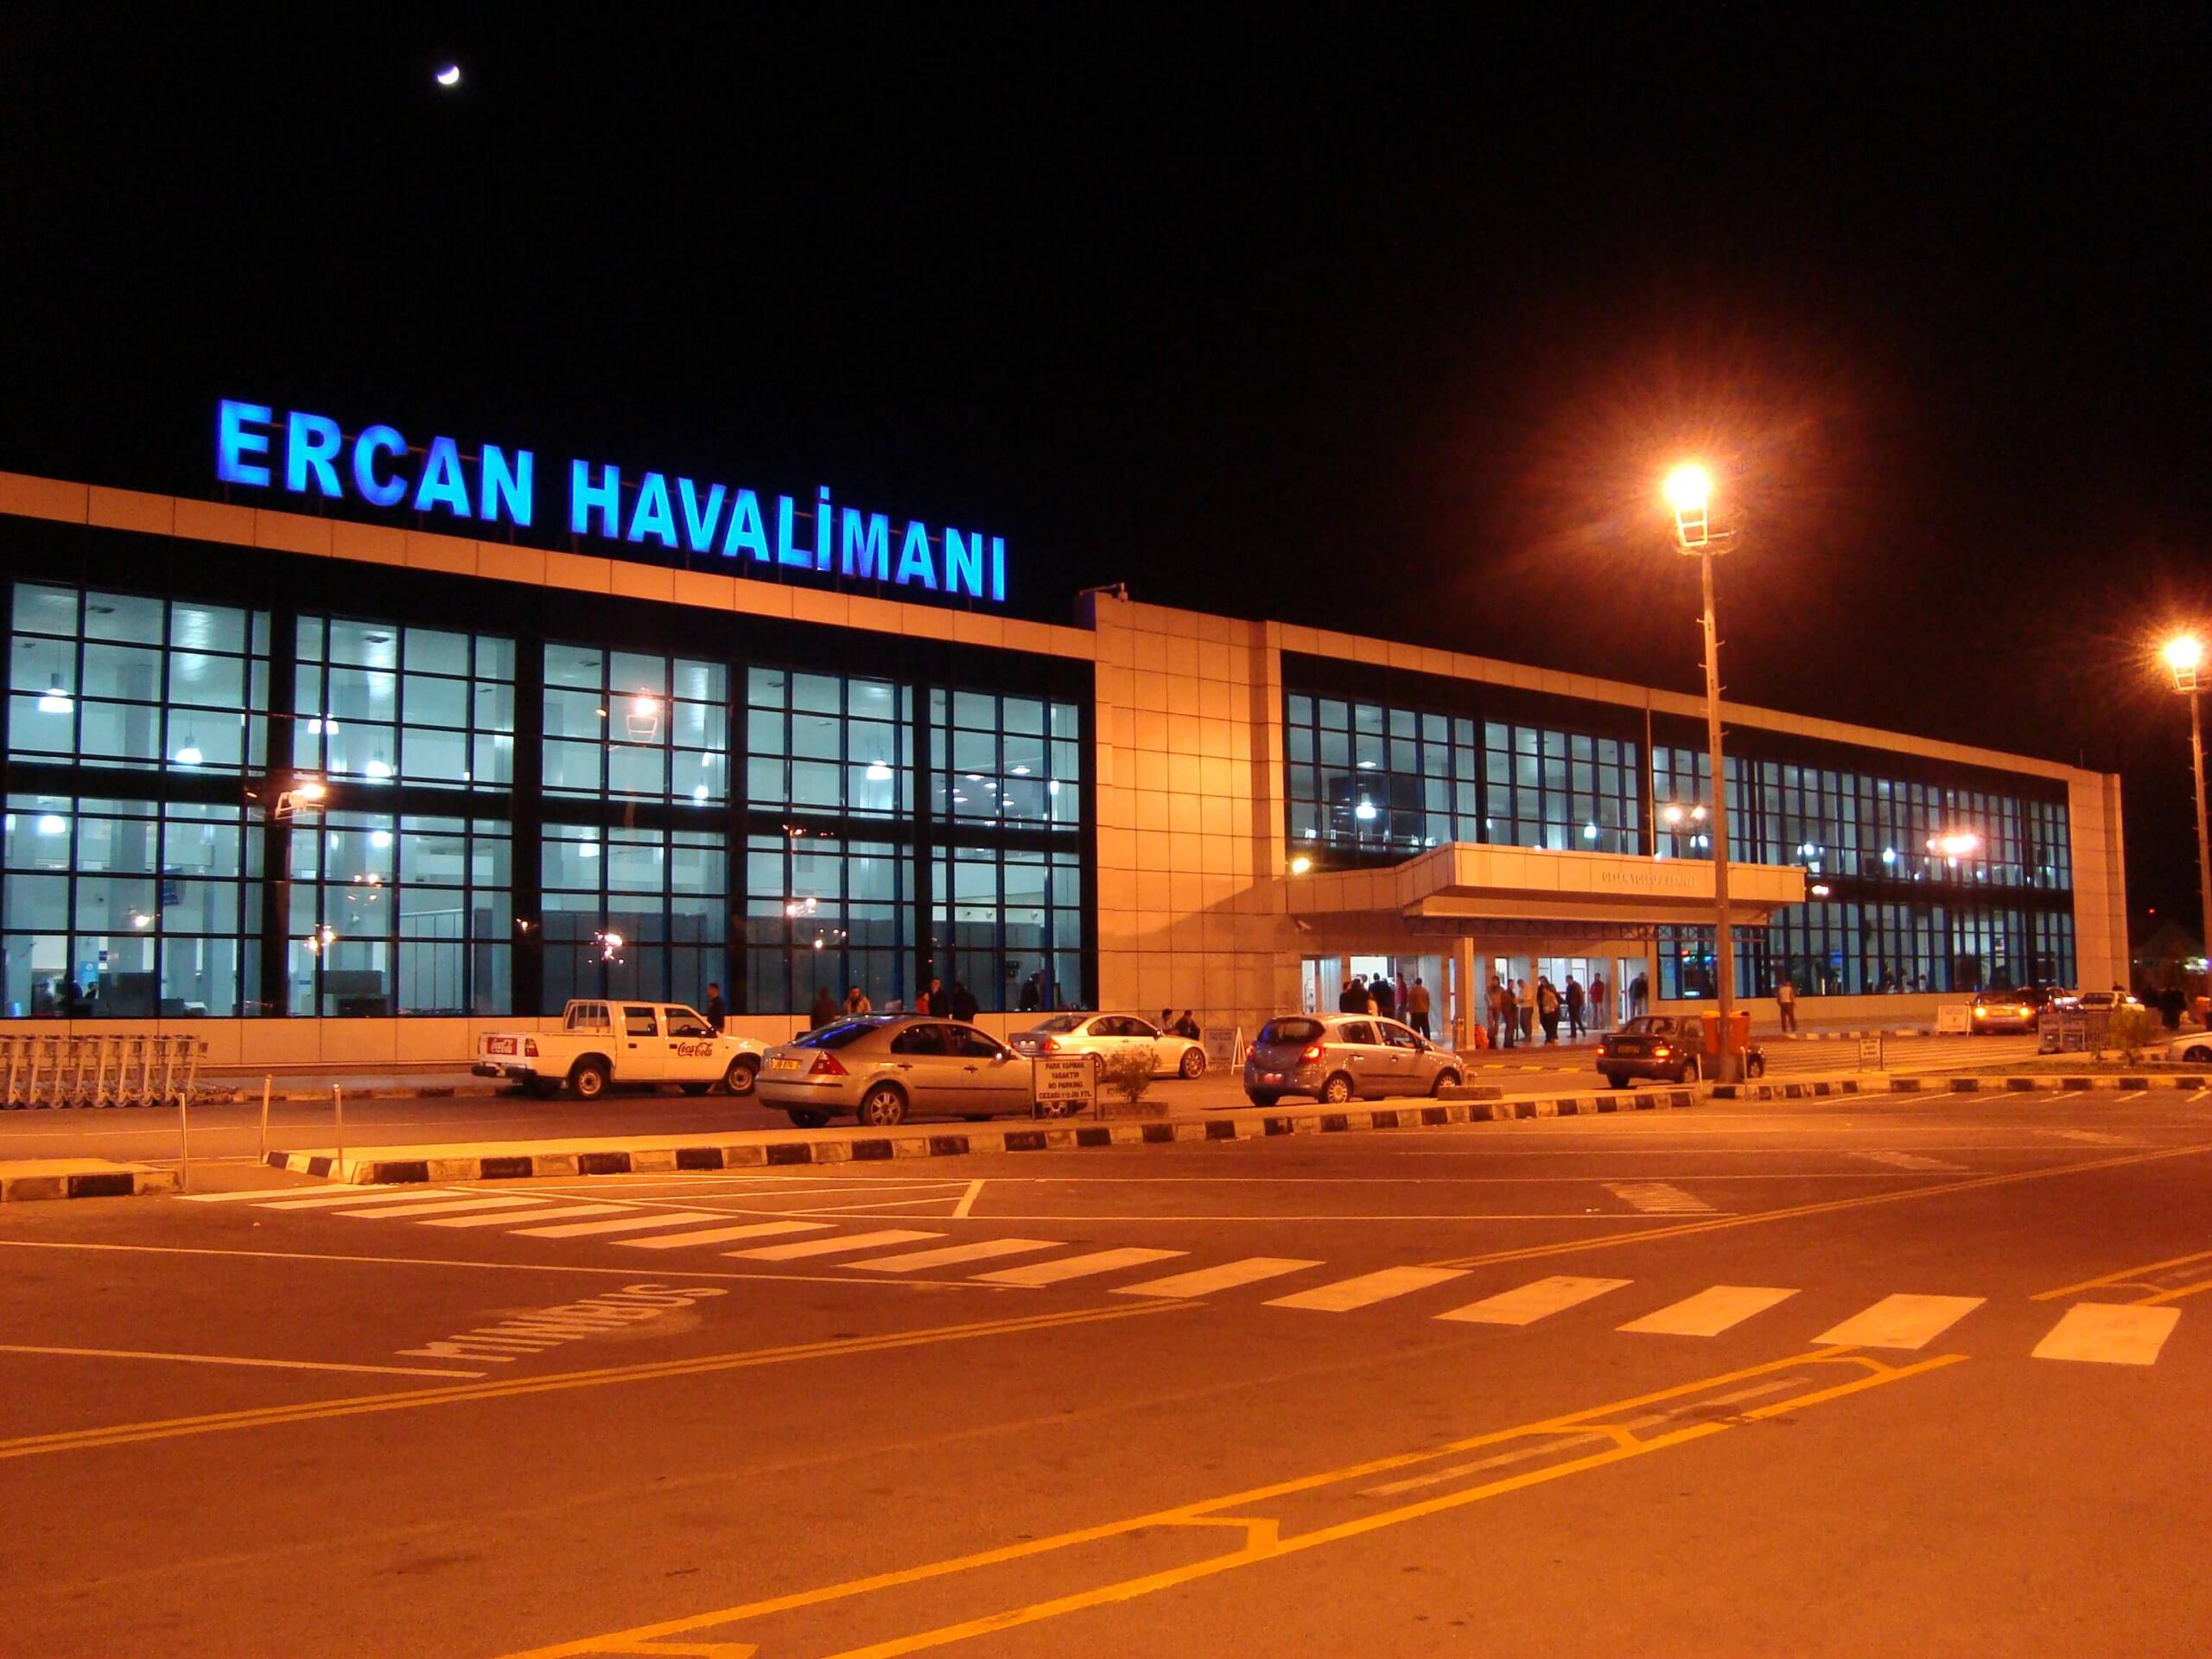 Ercan Havaalanı, 4 gün süreyle yabancı yolculara kapalı olacak